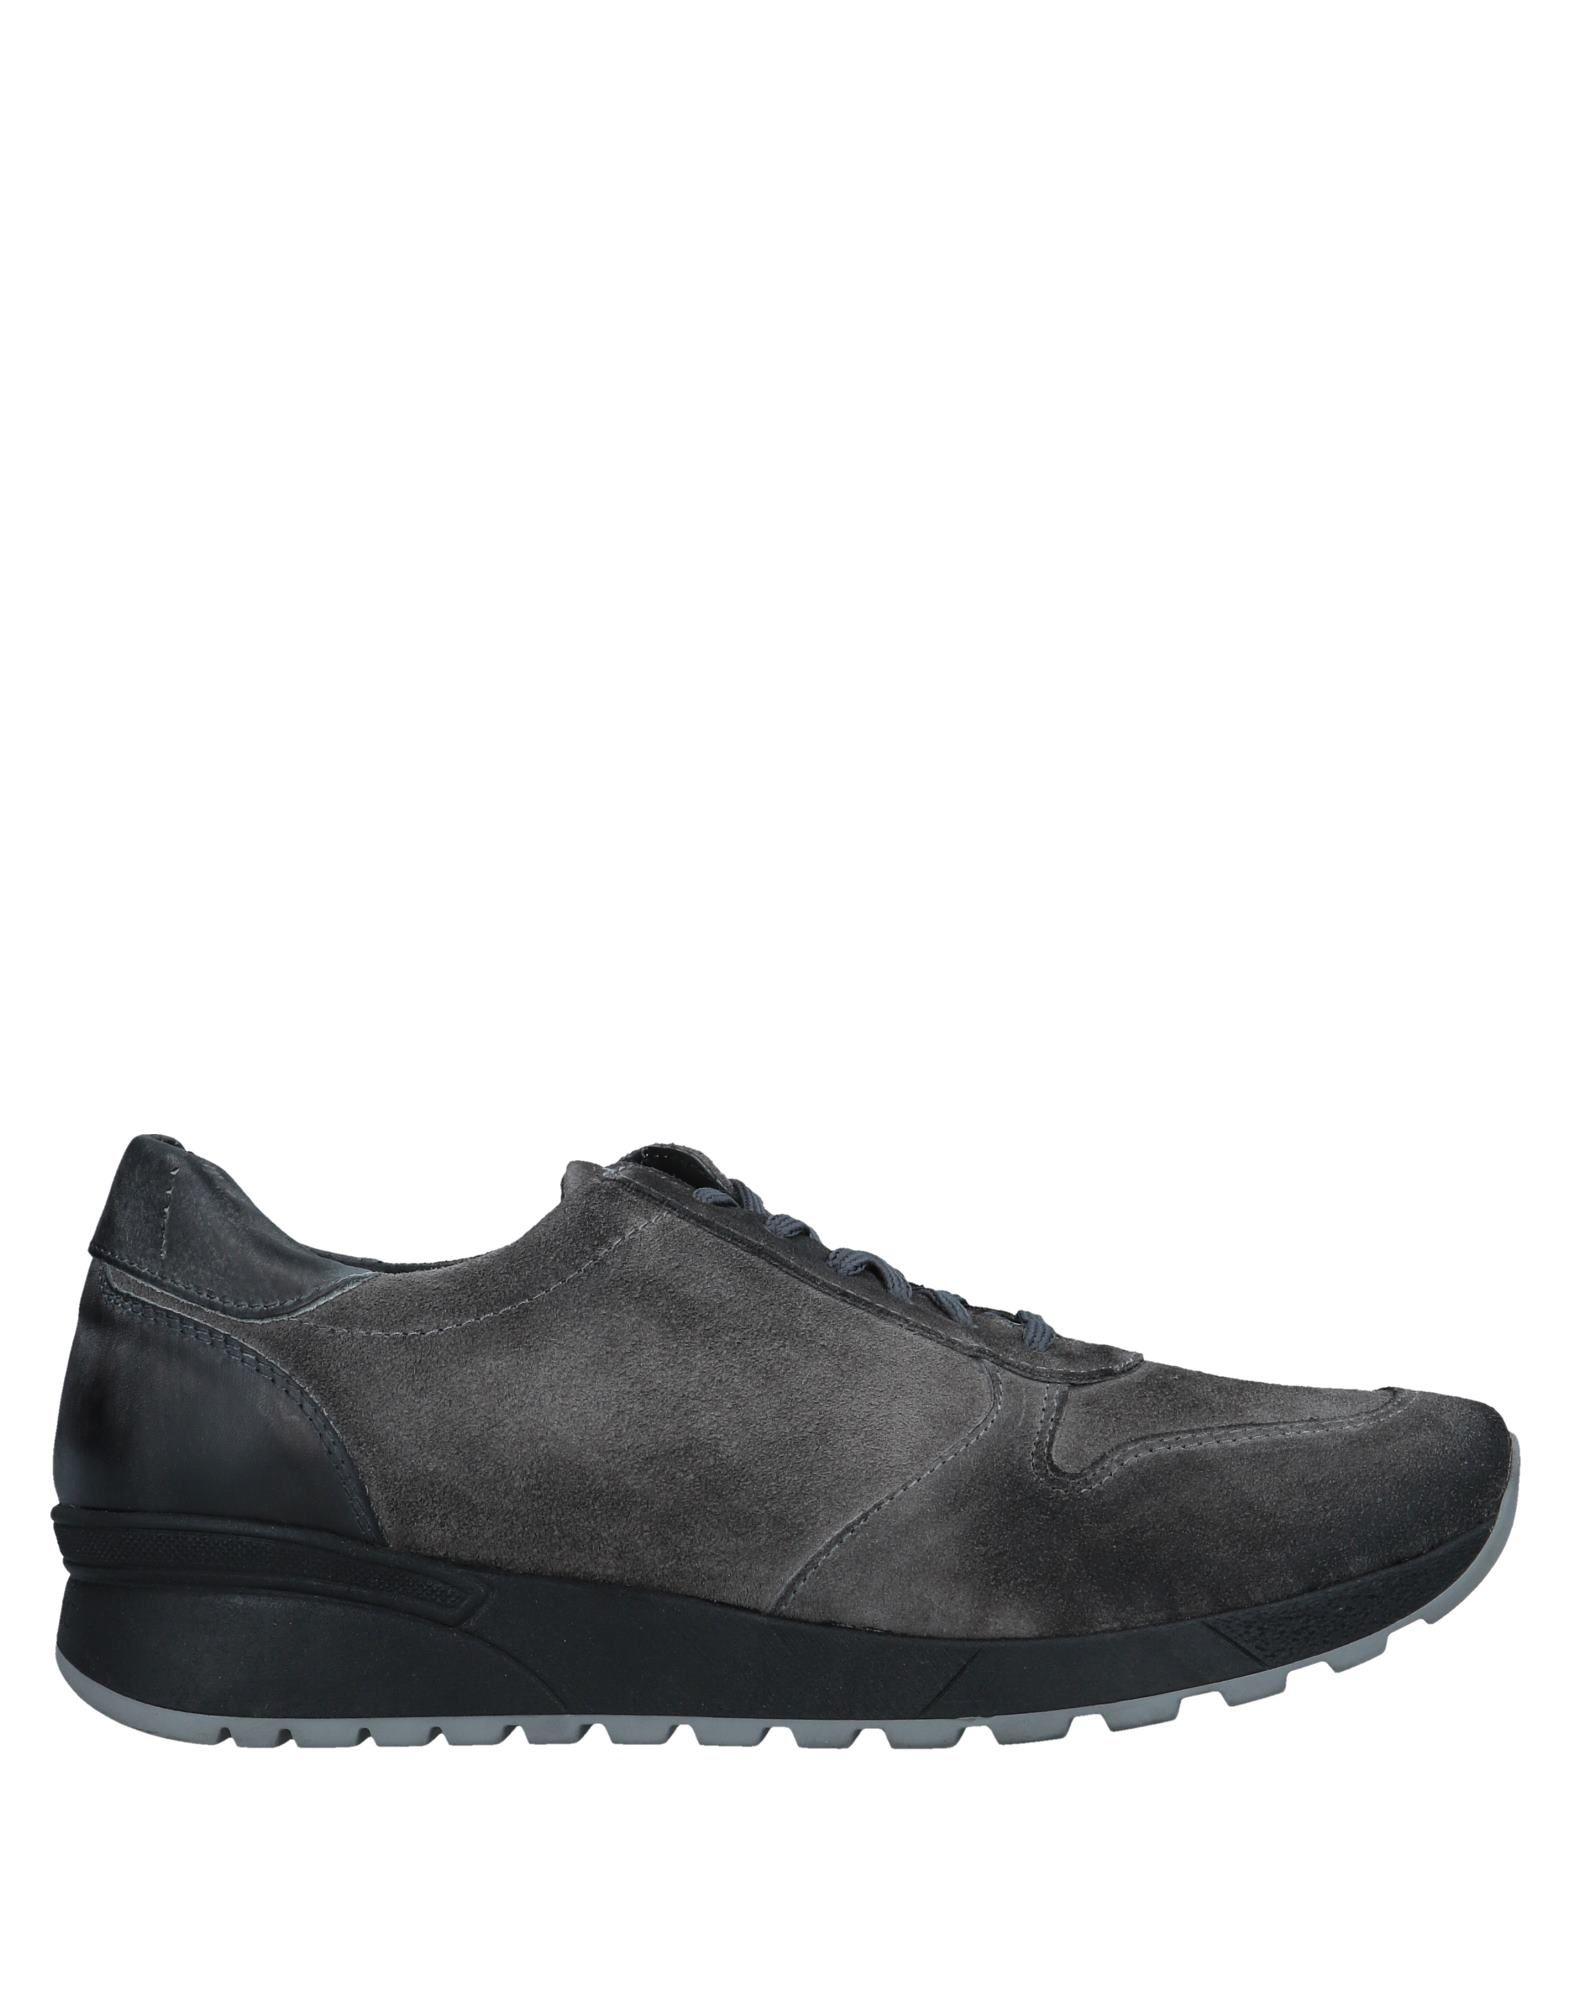 Sneakers Historic Uomo - 11550973PL Scarpe economiche e buone